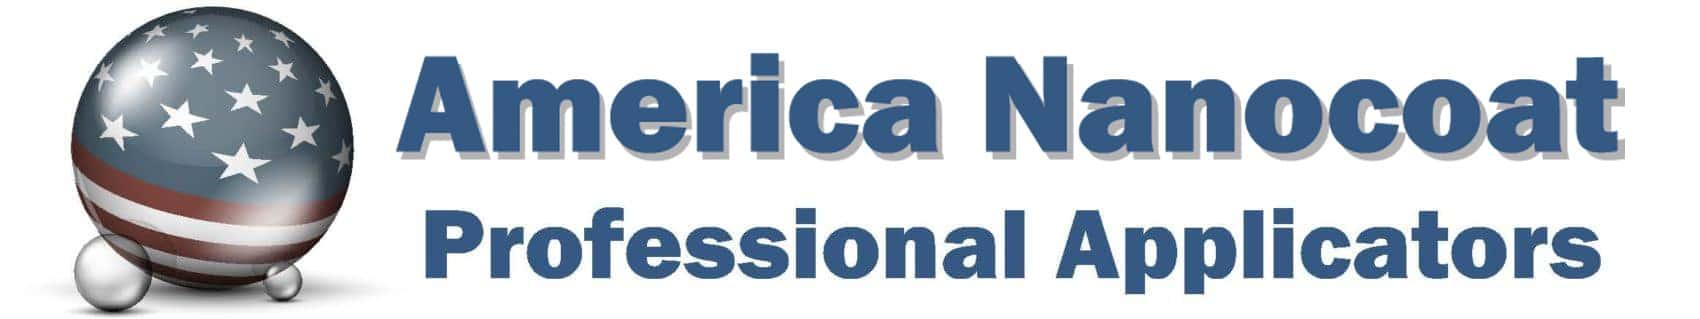 America Nanocoat Professional Applicators